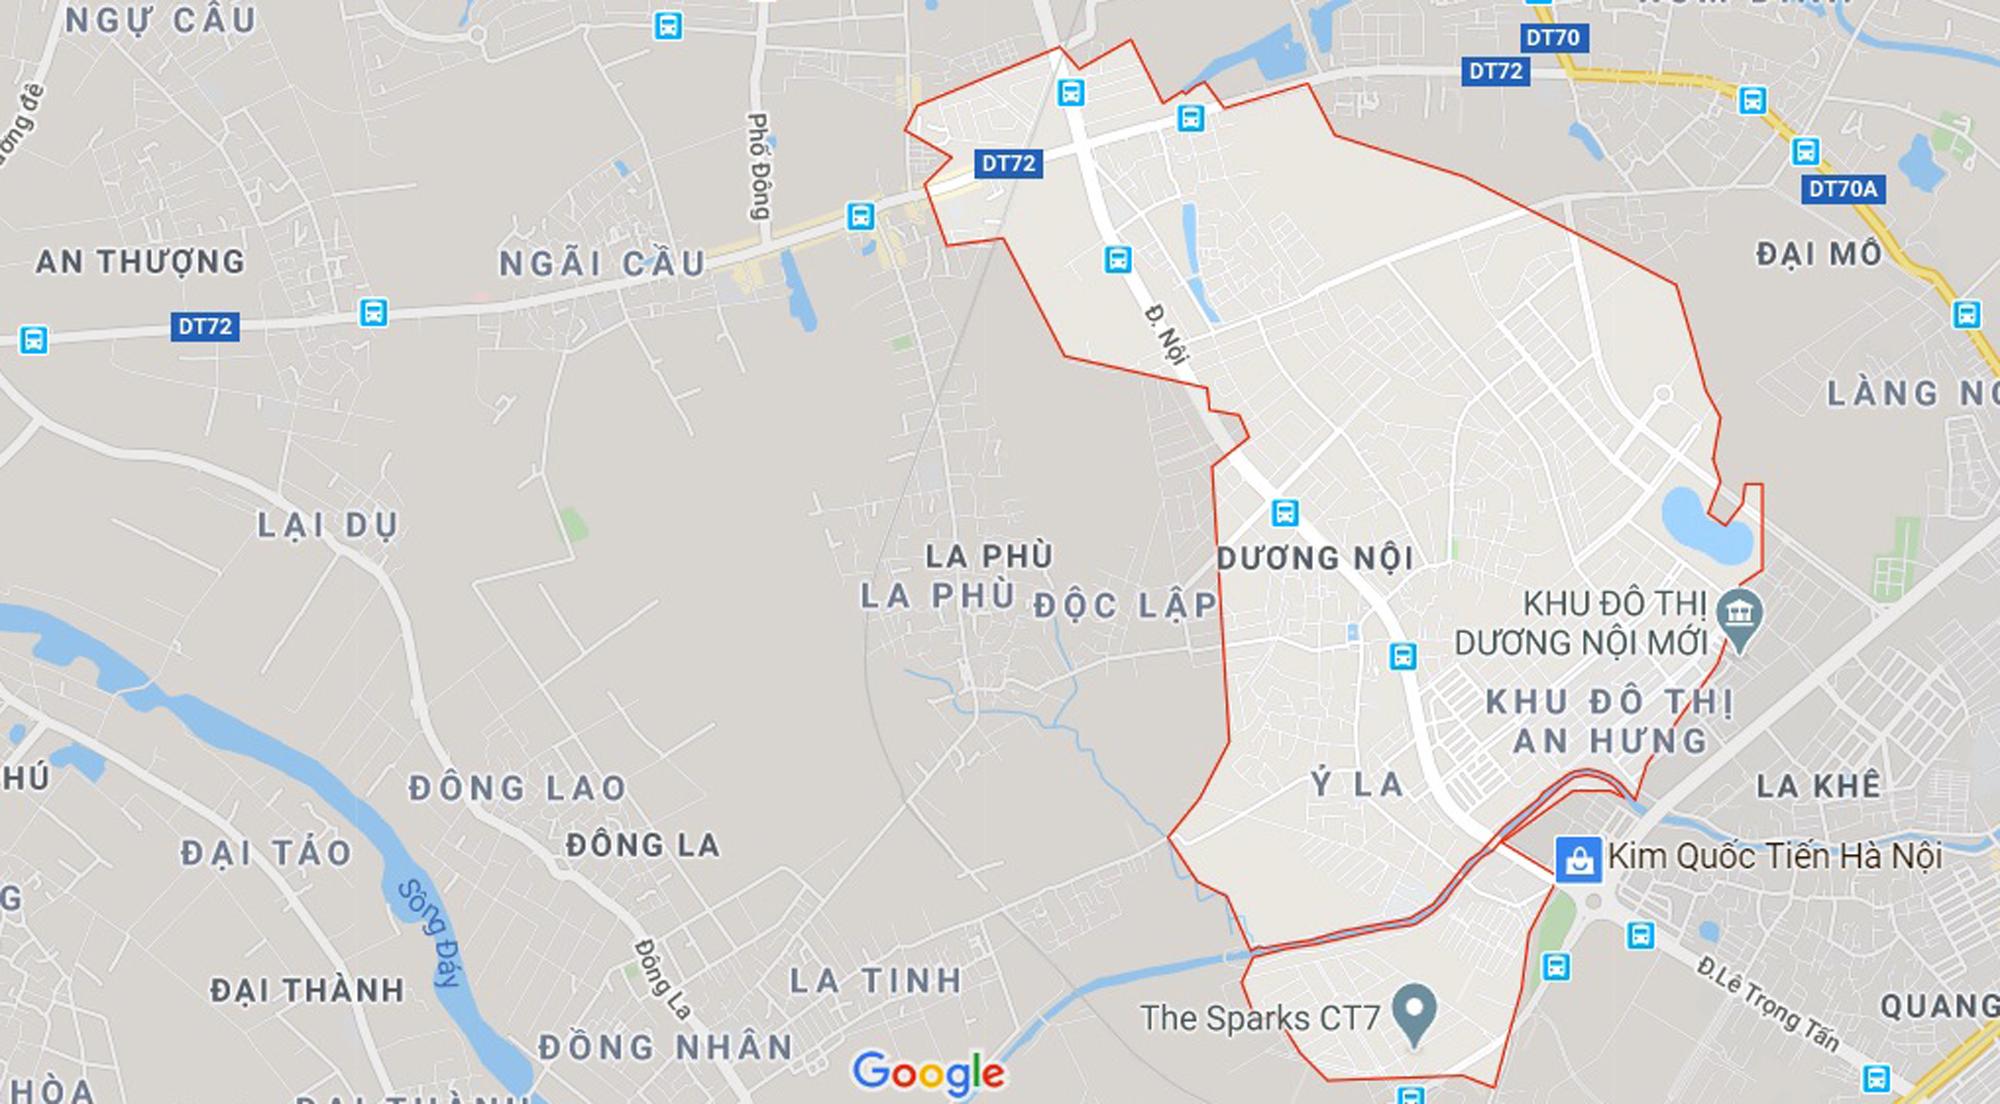 Đất dính qui hoạch ở phường Dương Nội, Hà Đông, Hà Nội - Ảnh 1.